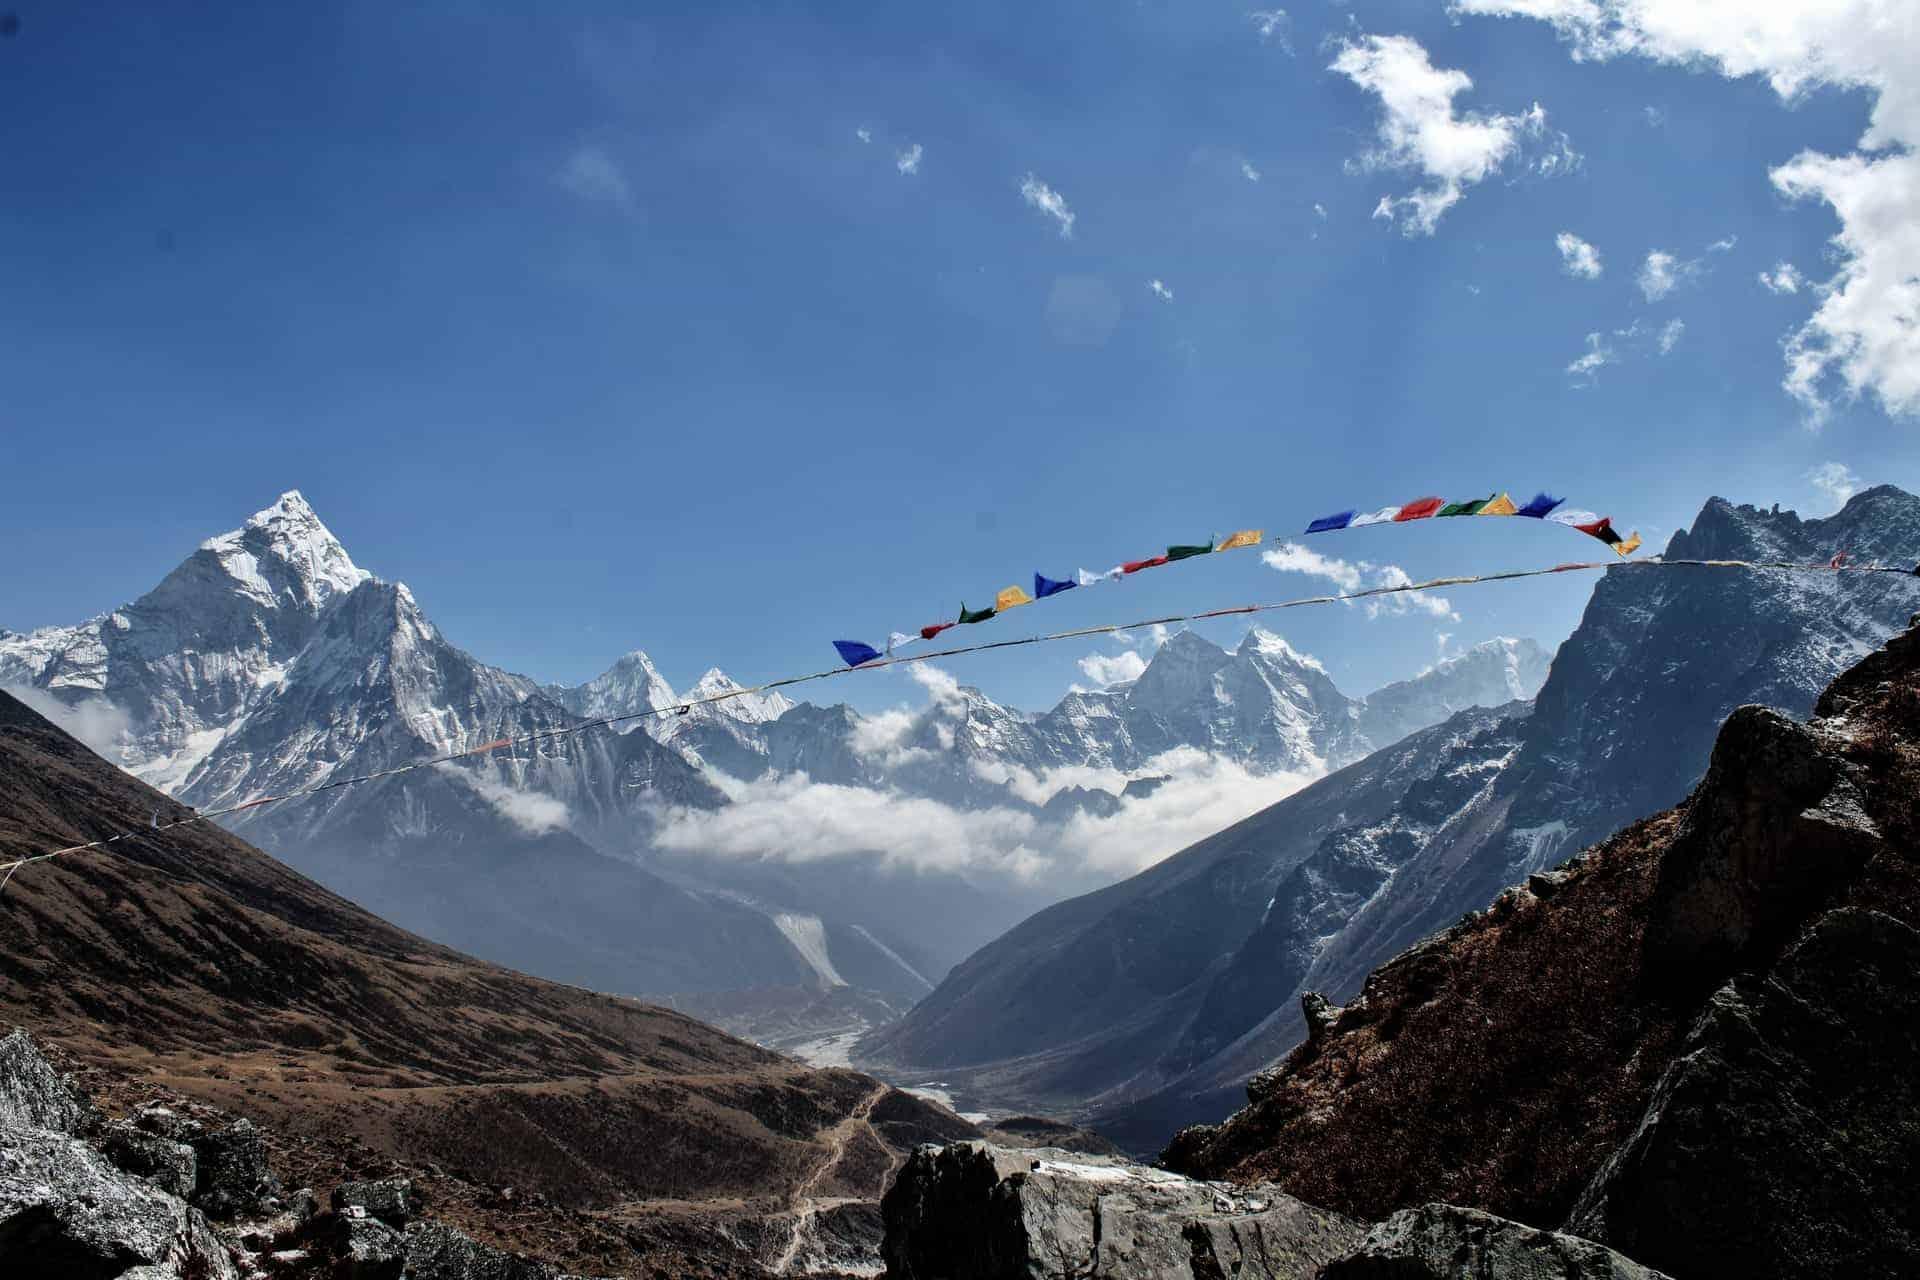 Cierran el Monte Everest del lado de China debido a preocupaciones por un nuevo brote de COVID-19